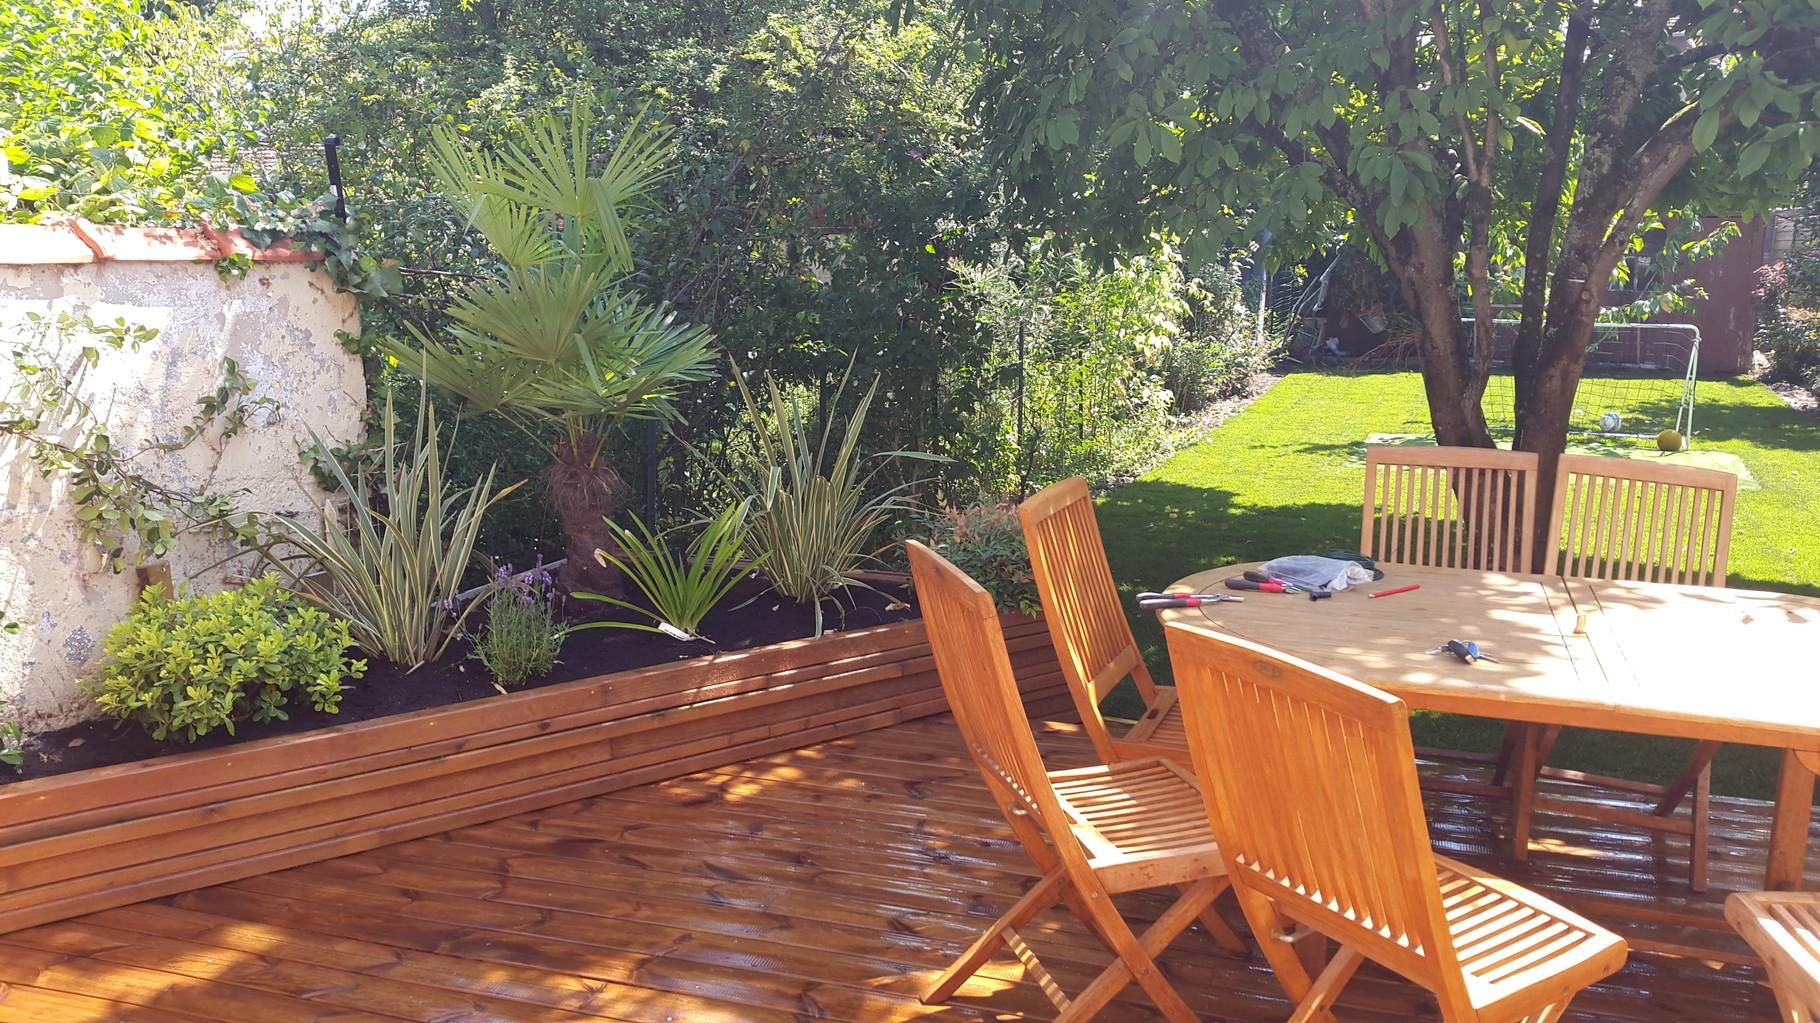 Jardin urbain paysagiste jardin de ville balcon terrasse for Jardin urbain moderne